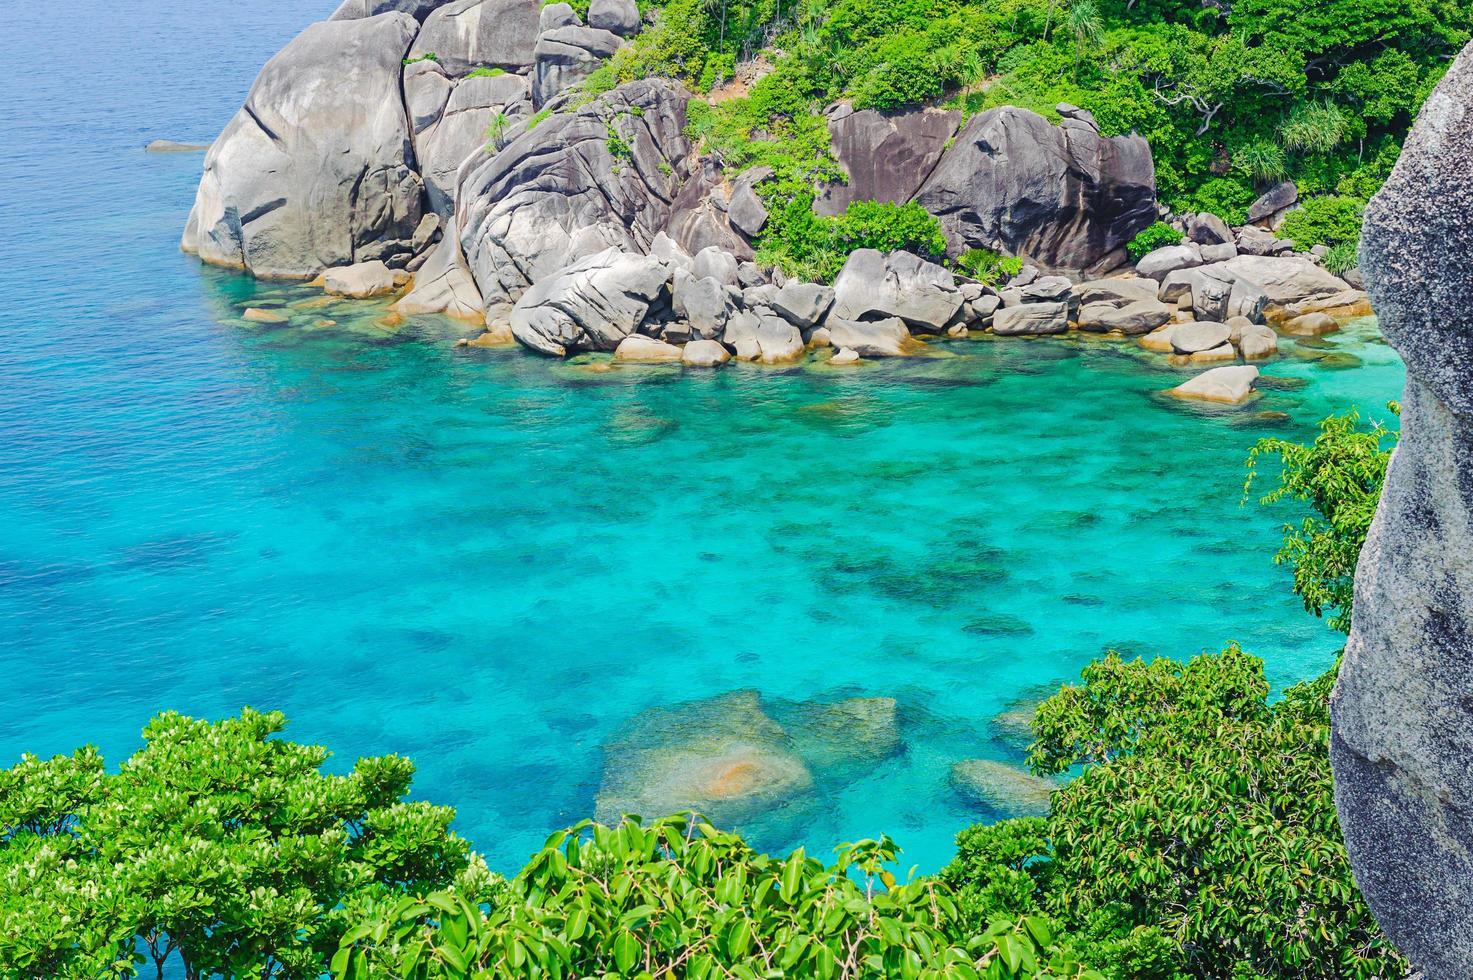 mer bleue claire sur une île photo